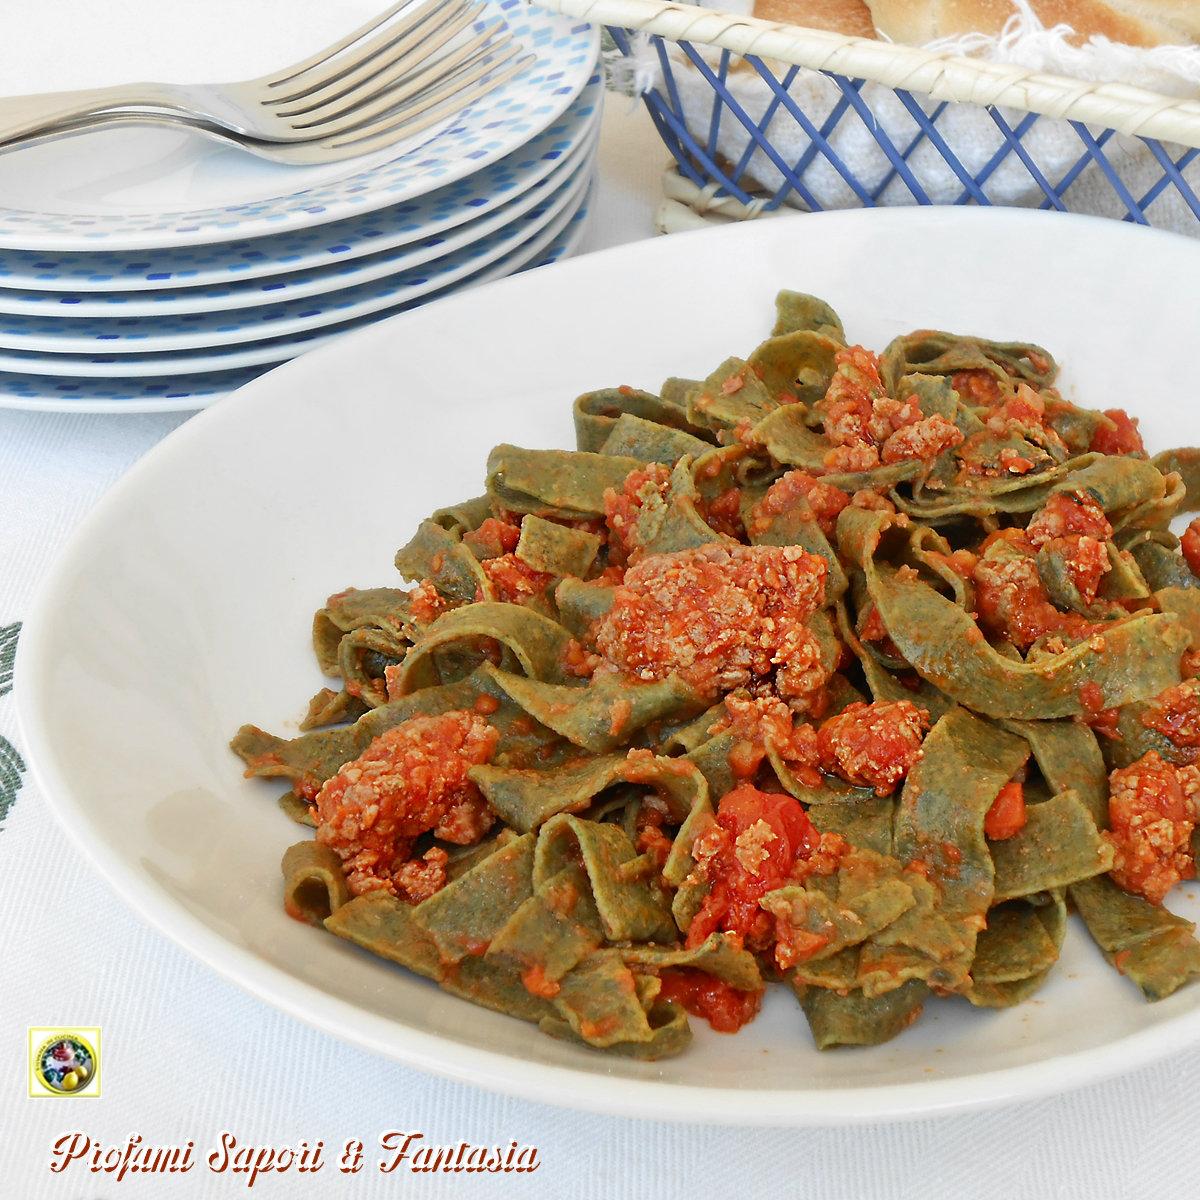 Tagliatelle verdi al sugo di carne Blog Profumi Sapori & Fantasia